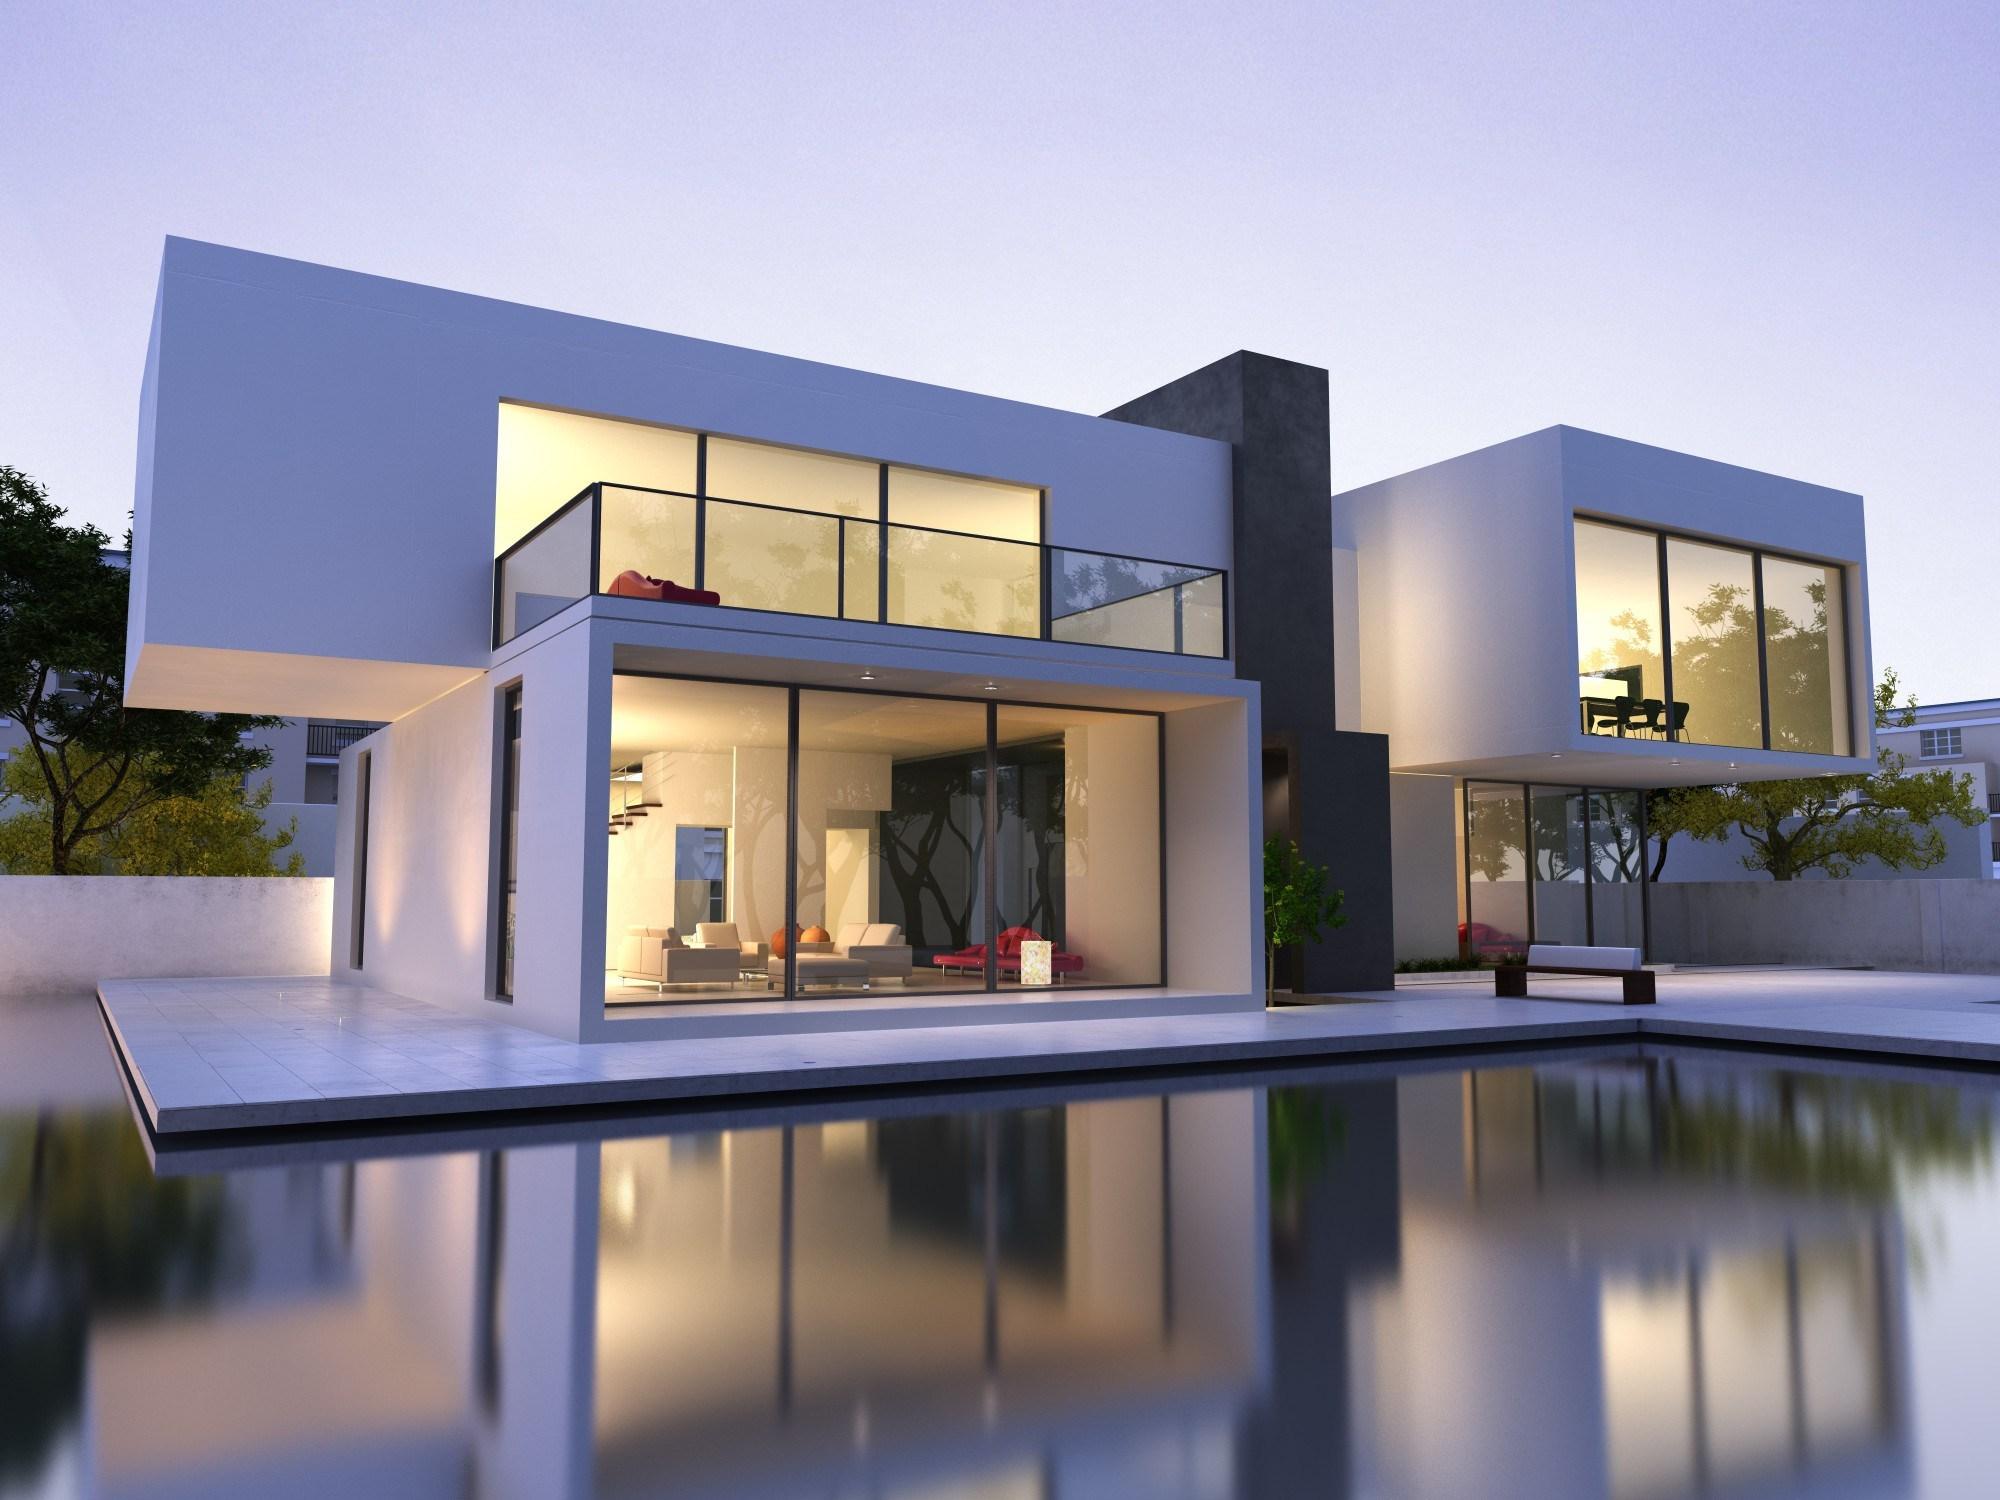 rumah-idaman-modern-geometris-sederhana